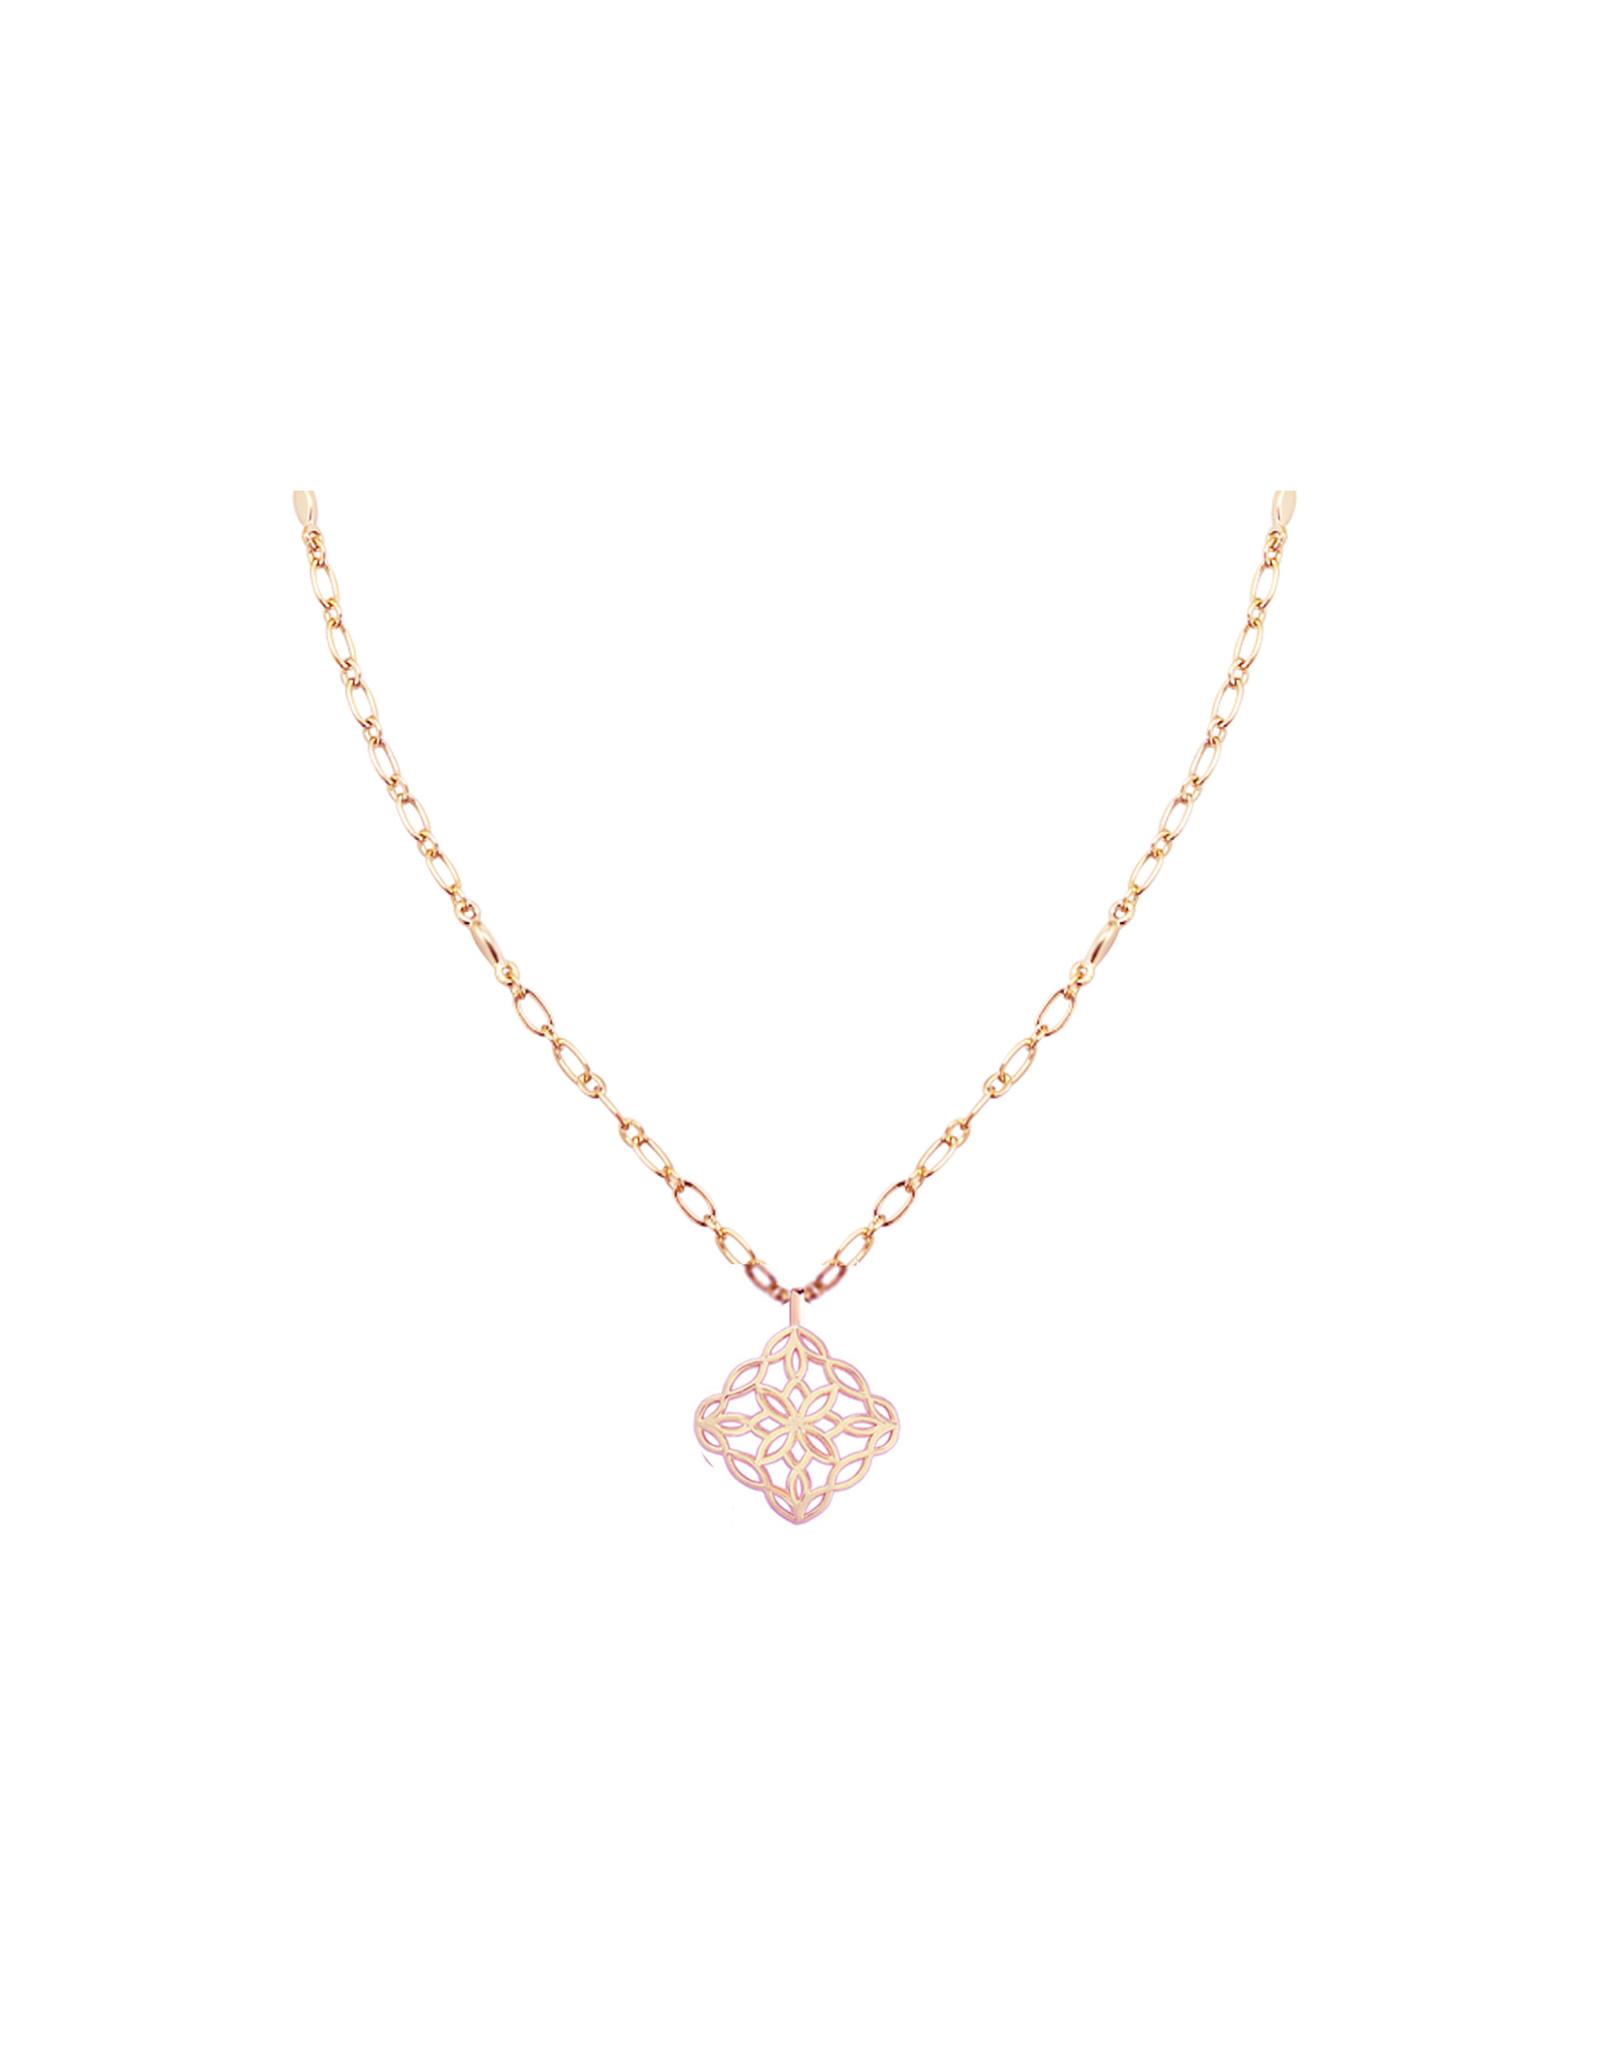 Natalie Wood Designs Bloom Drop Necklace - Rose Gold